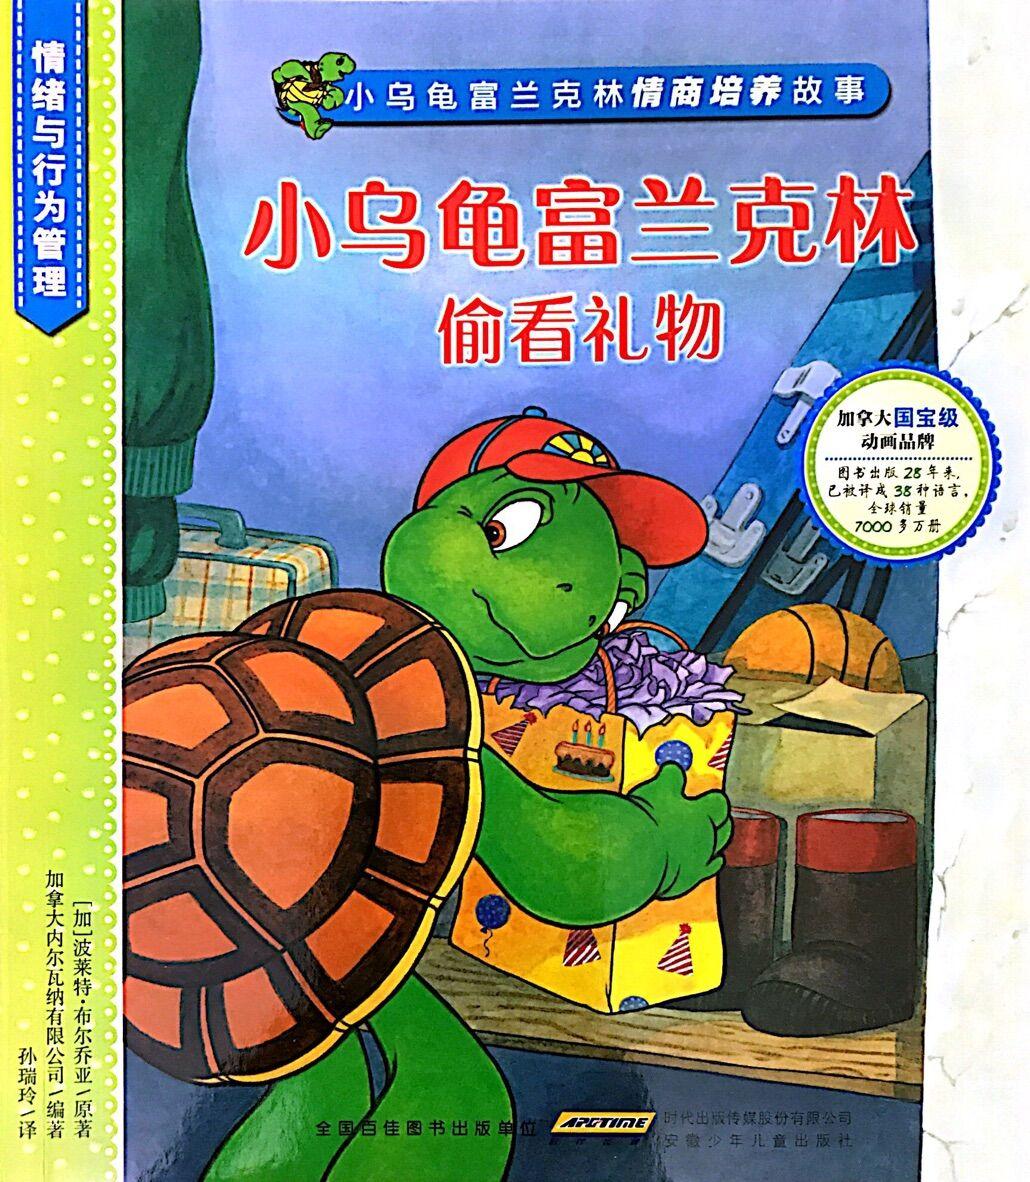 小乌龟富兰克林情商培养故事·情绪与行为管理:小乌龟富兰克林偷看礼物